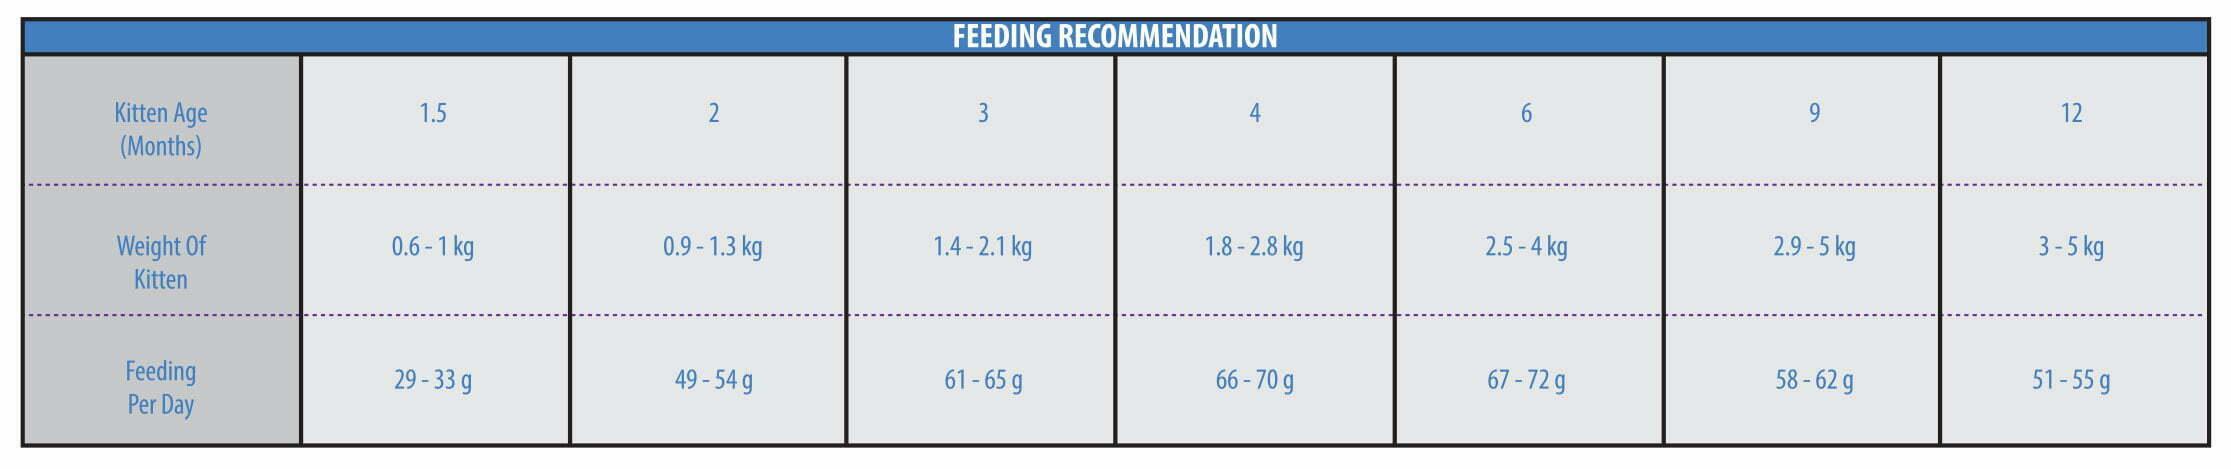 جدول-میزان-مصرف-غذای-خشک-بچه-گربه-همه-نژادها-رویال-فید